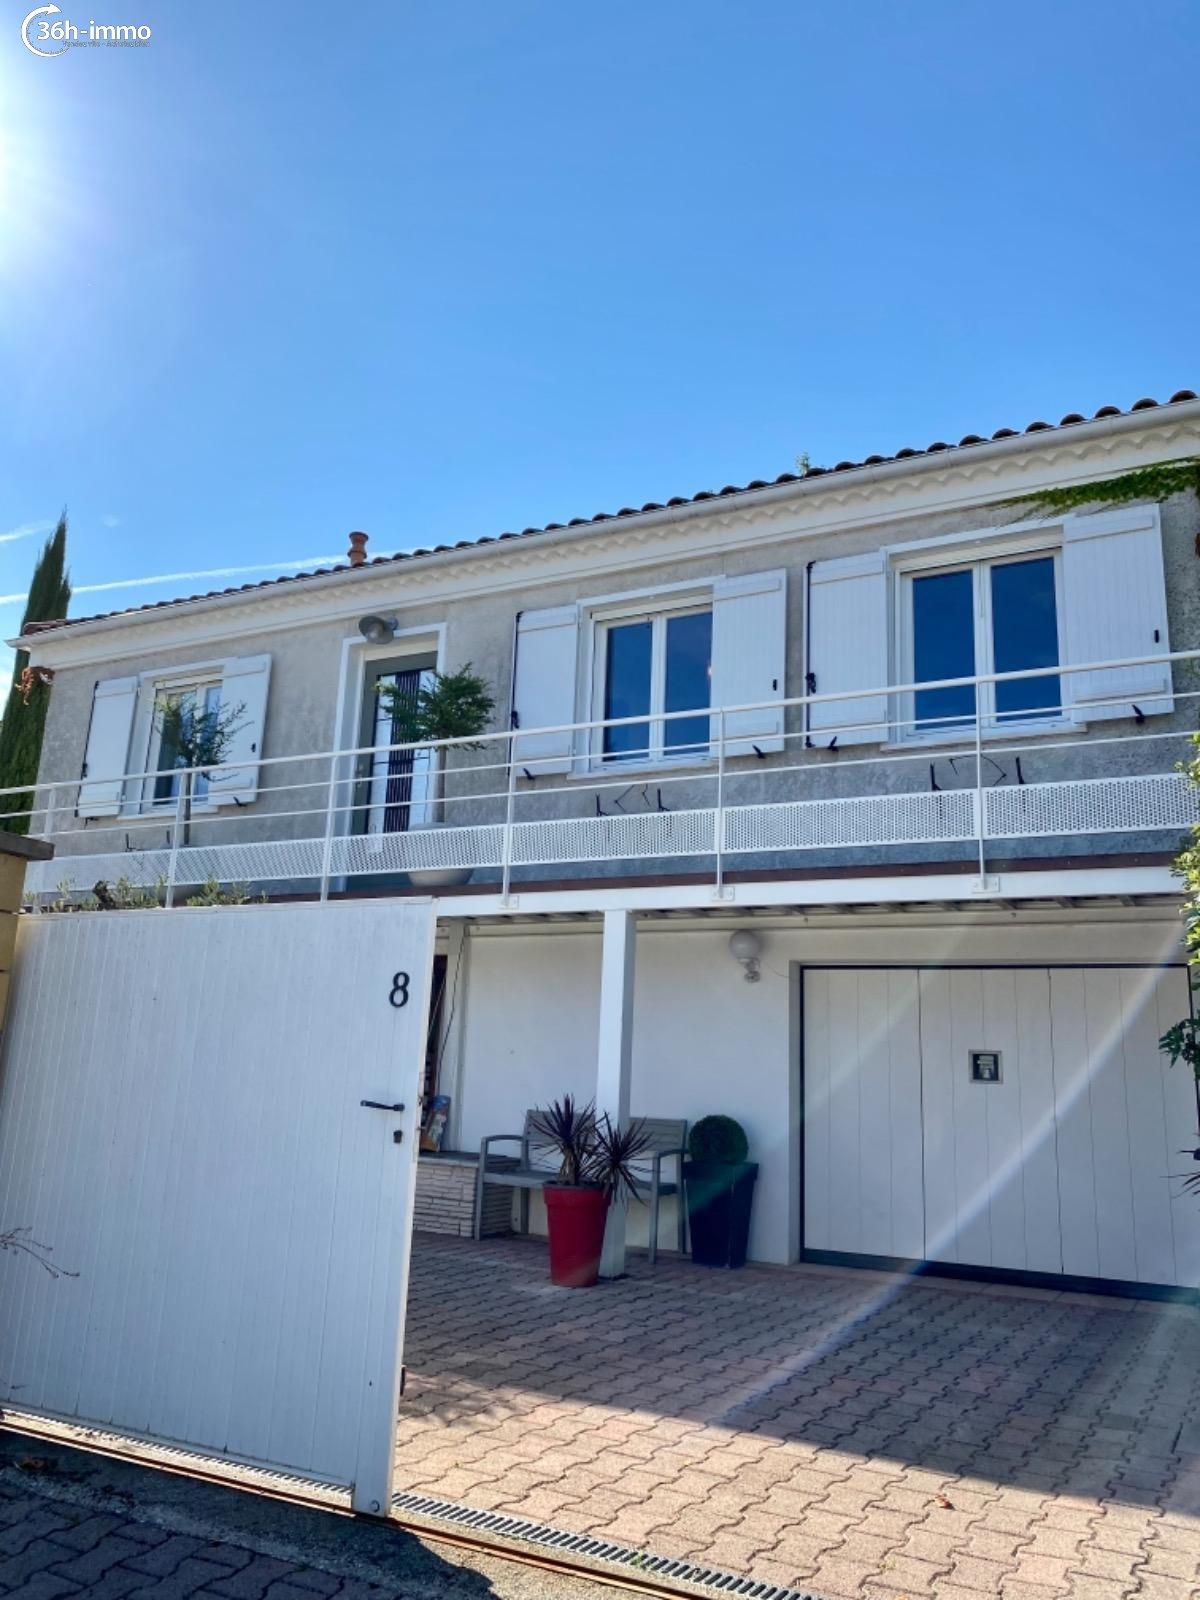 Maison Léognan 33850 Gironde 92 m<sup>2</sup> 5 pièces 294000 euros